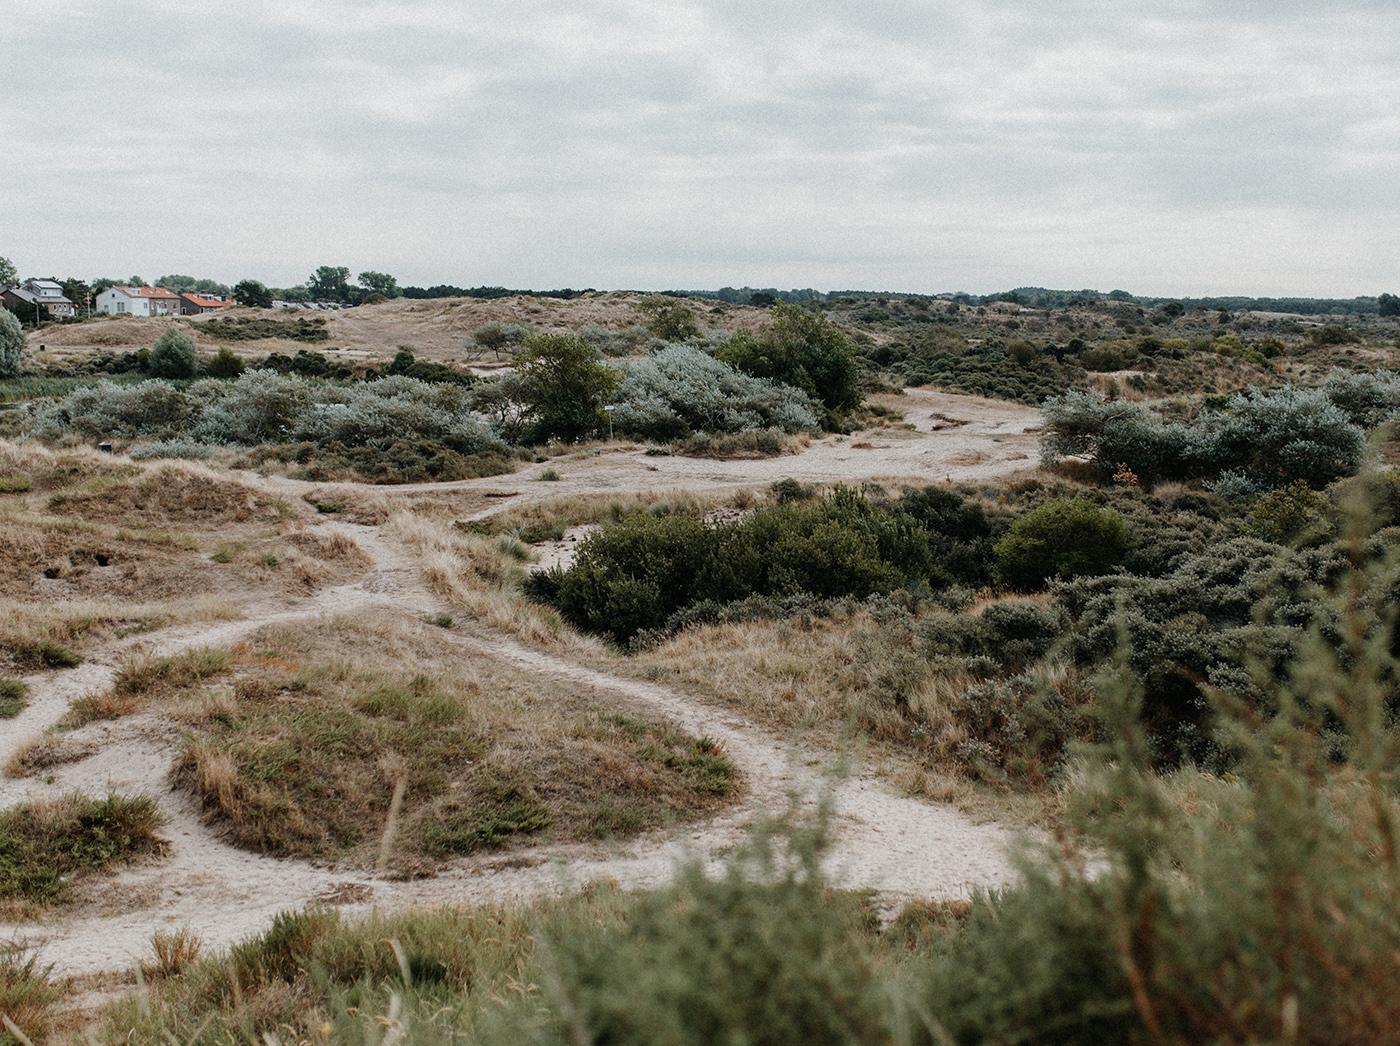 Traumanufaktur_Reisereportage_Niederlande_Zaandvoort_Urlaub_mit_Hund_25.jpg